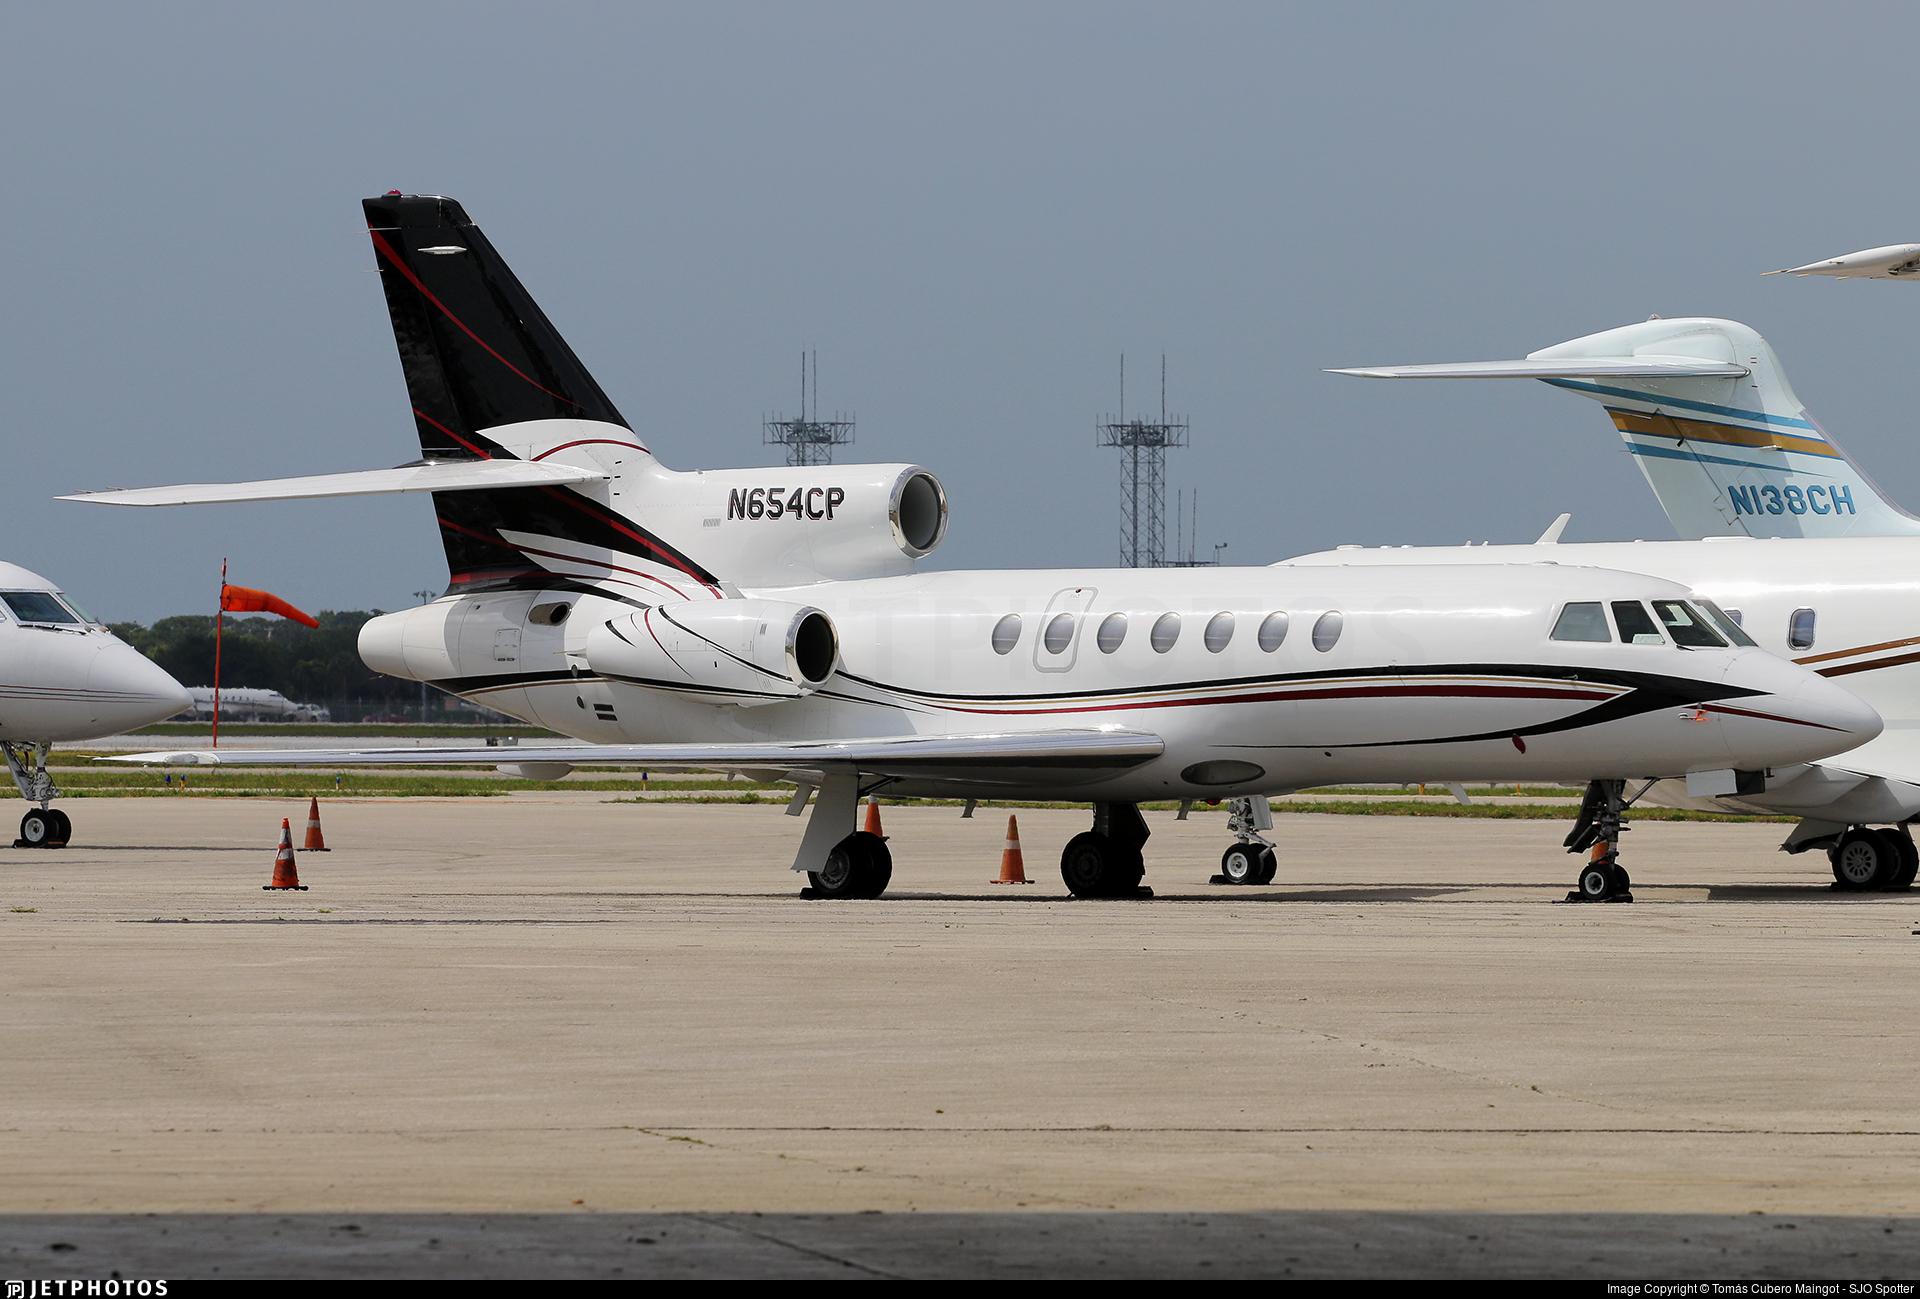 N654CP - Dassault Falcon 50 - Private